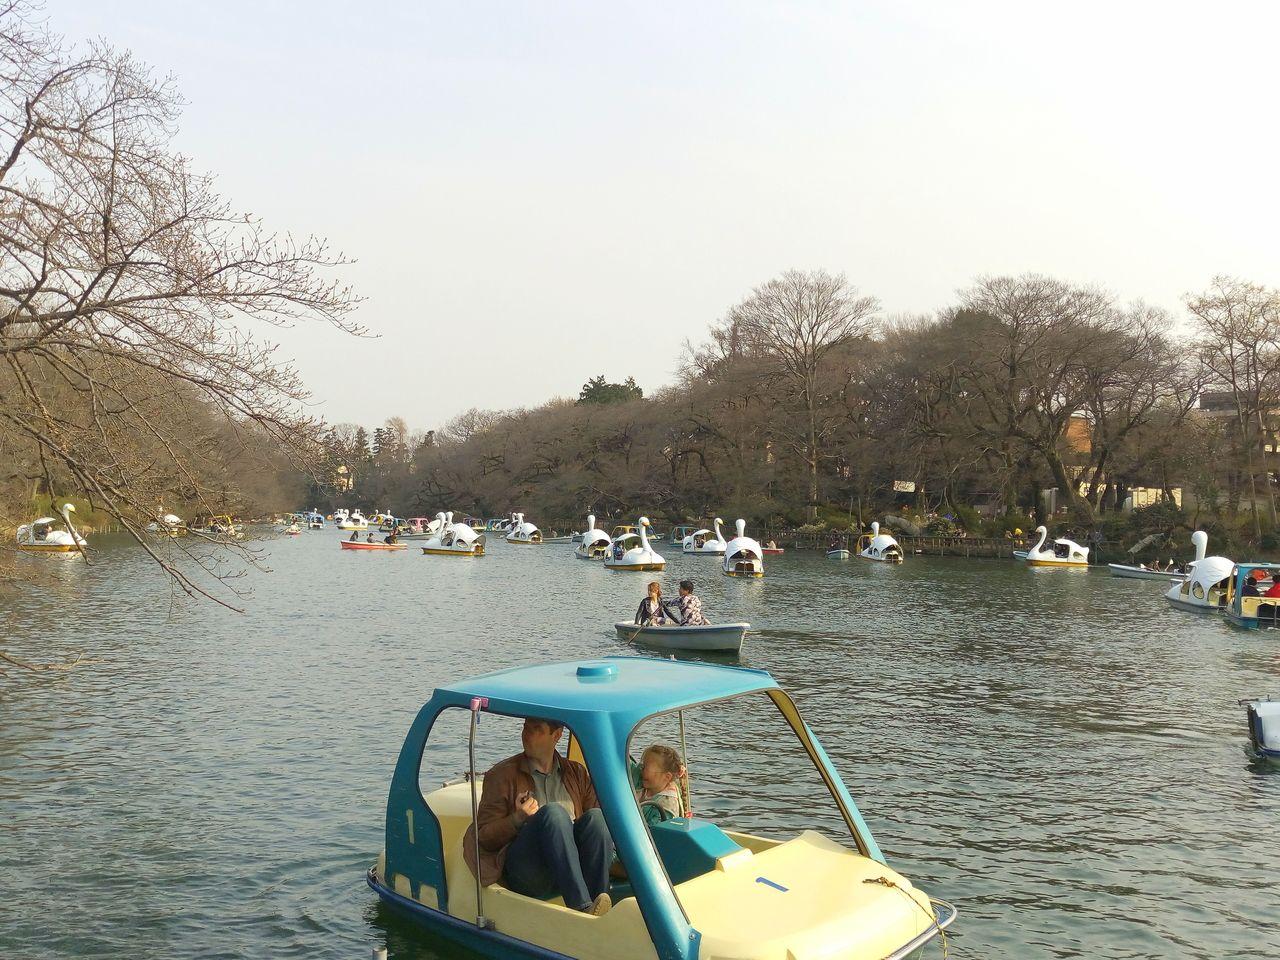 吉祥寺の井之頭池のボートは3種類